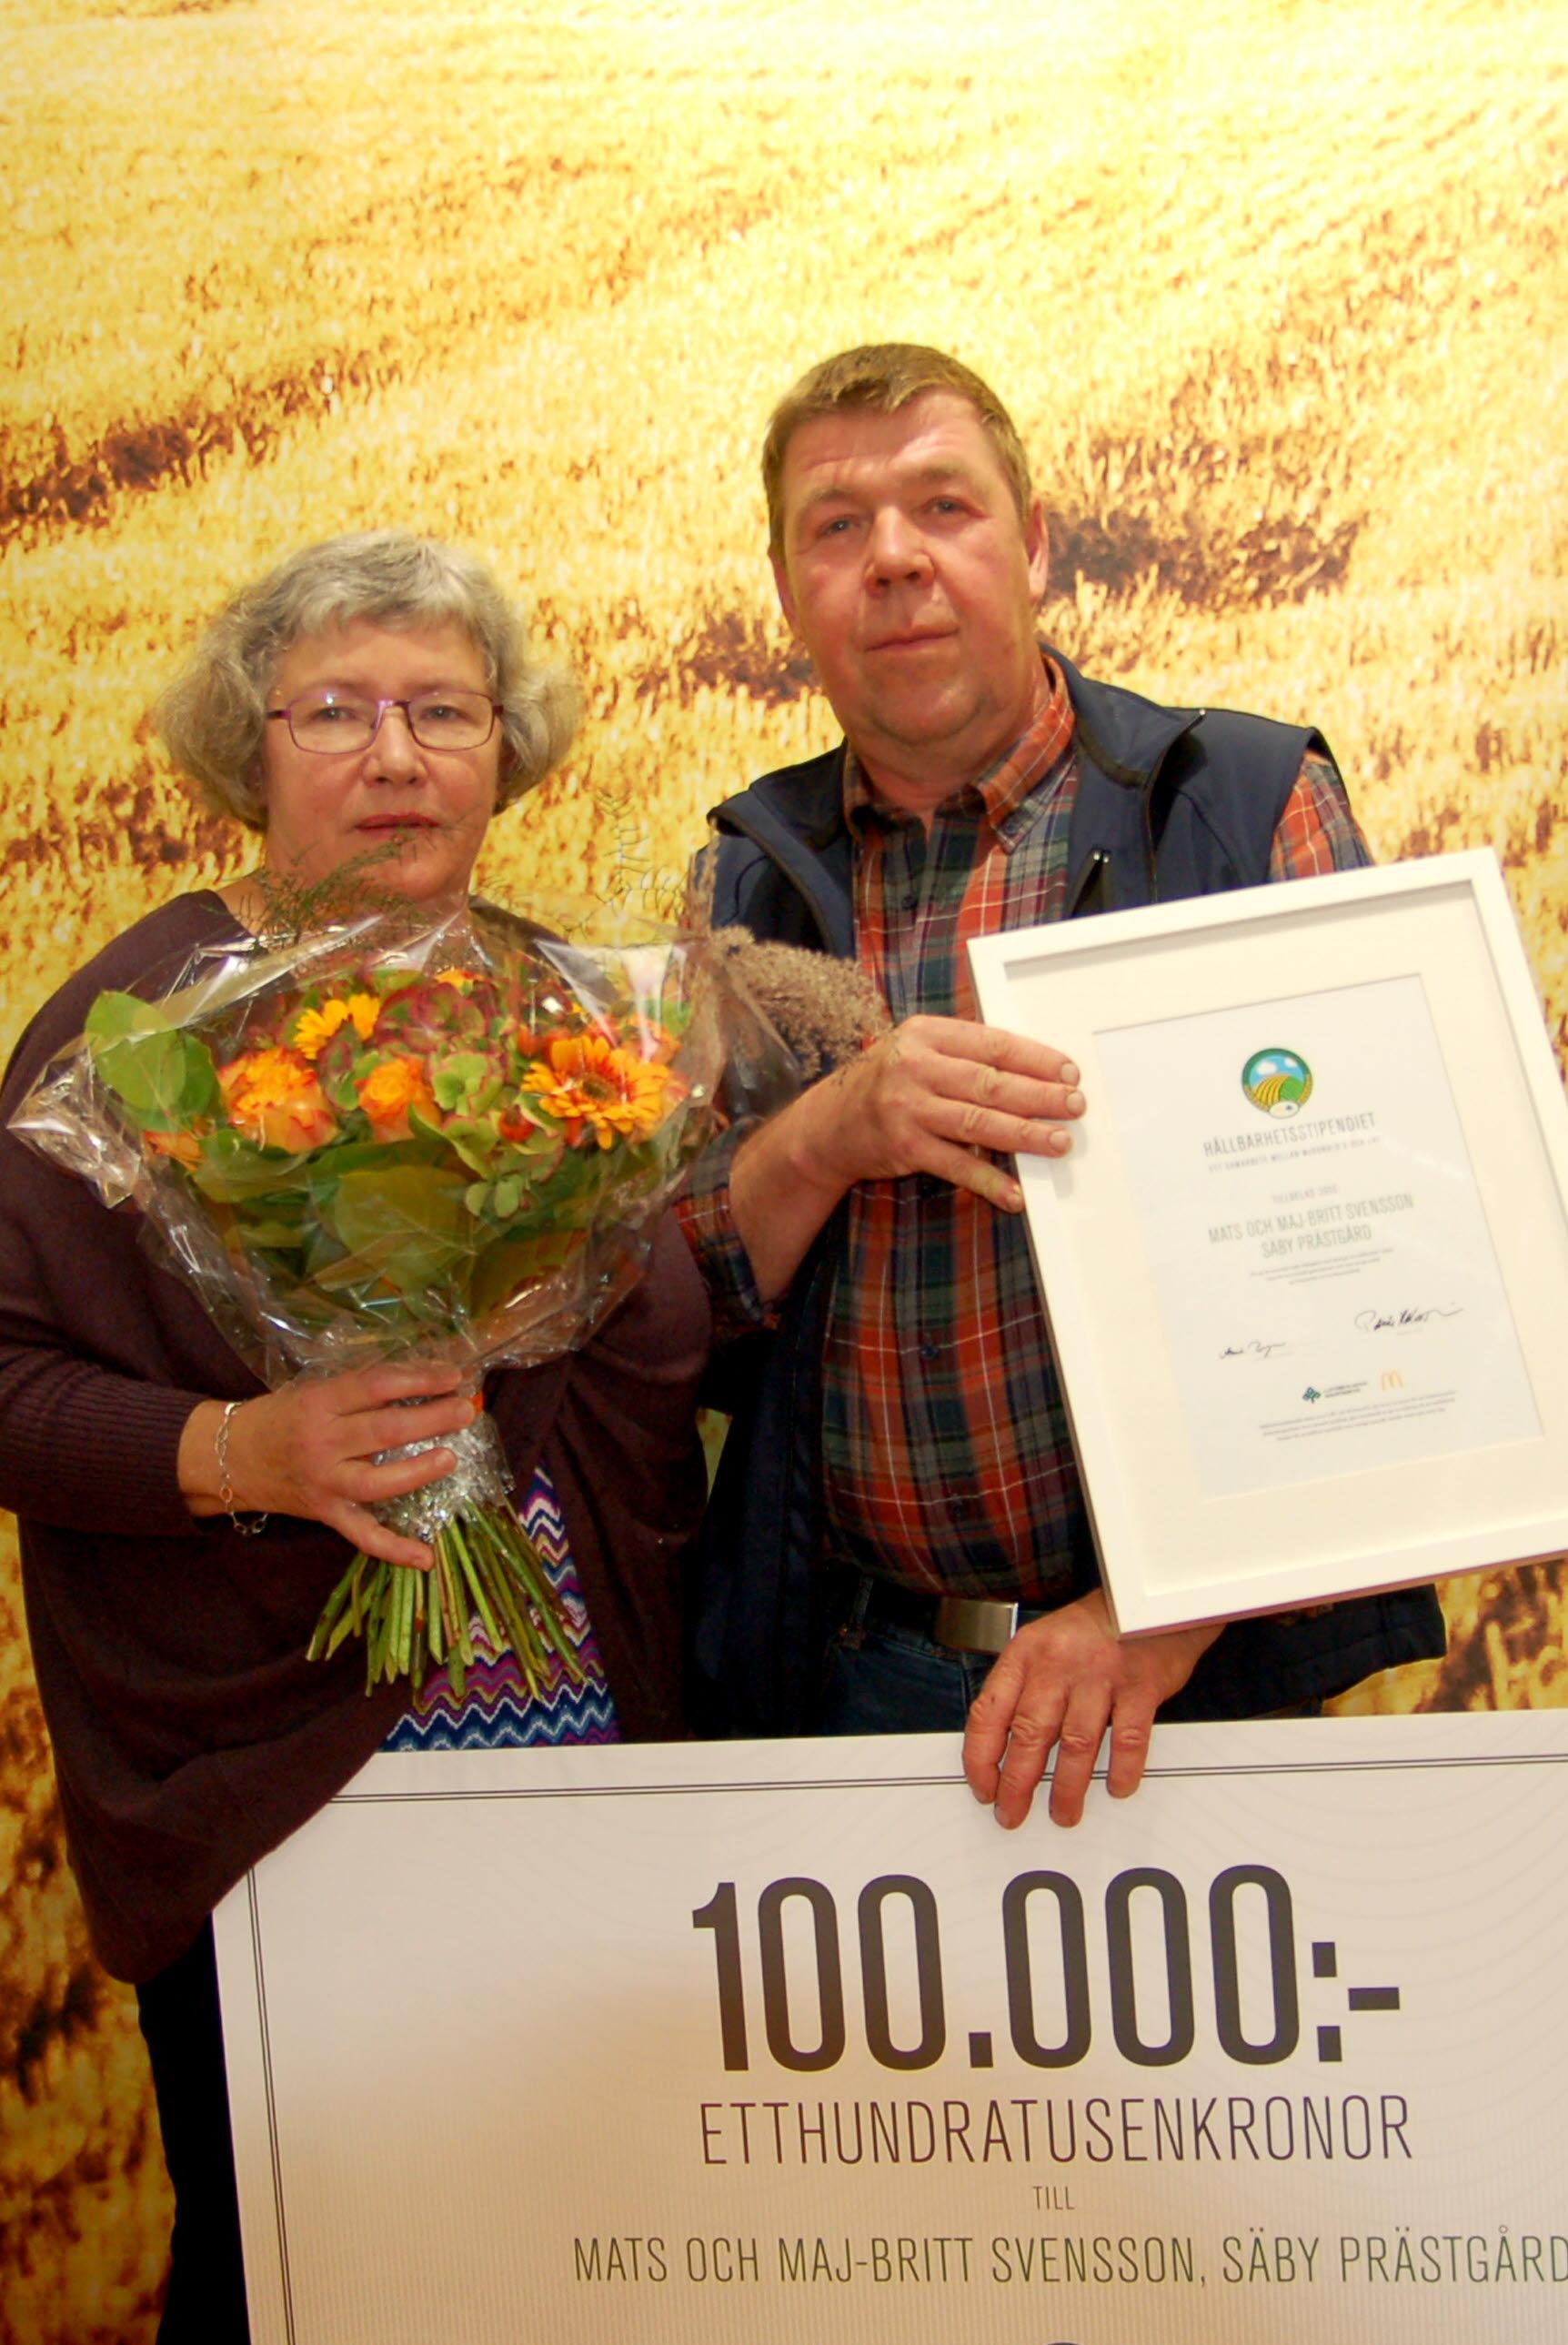 innarna av 2015 års Hållbarhetsstipnedium - Mats och Maj-Britt Svensson, Säby Prästgård, Tranås